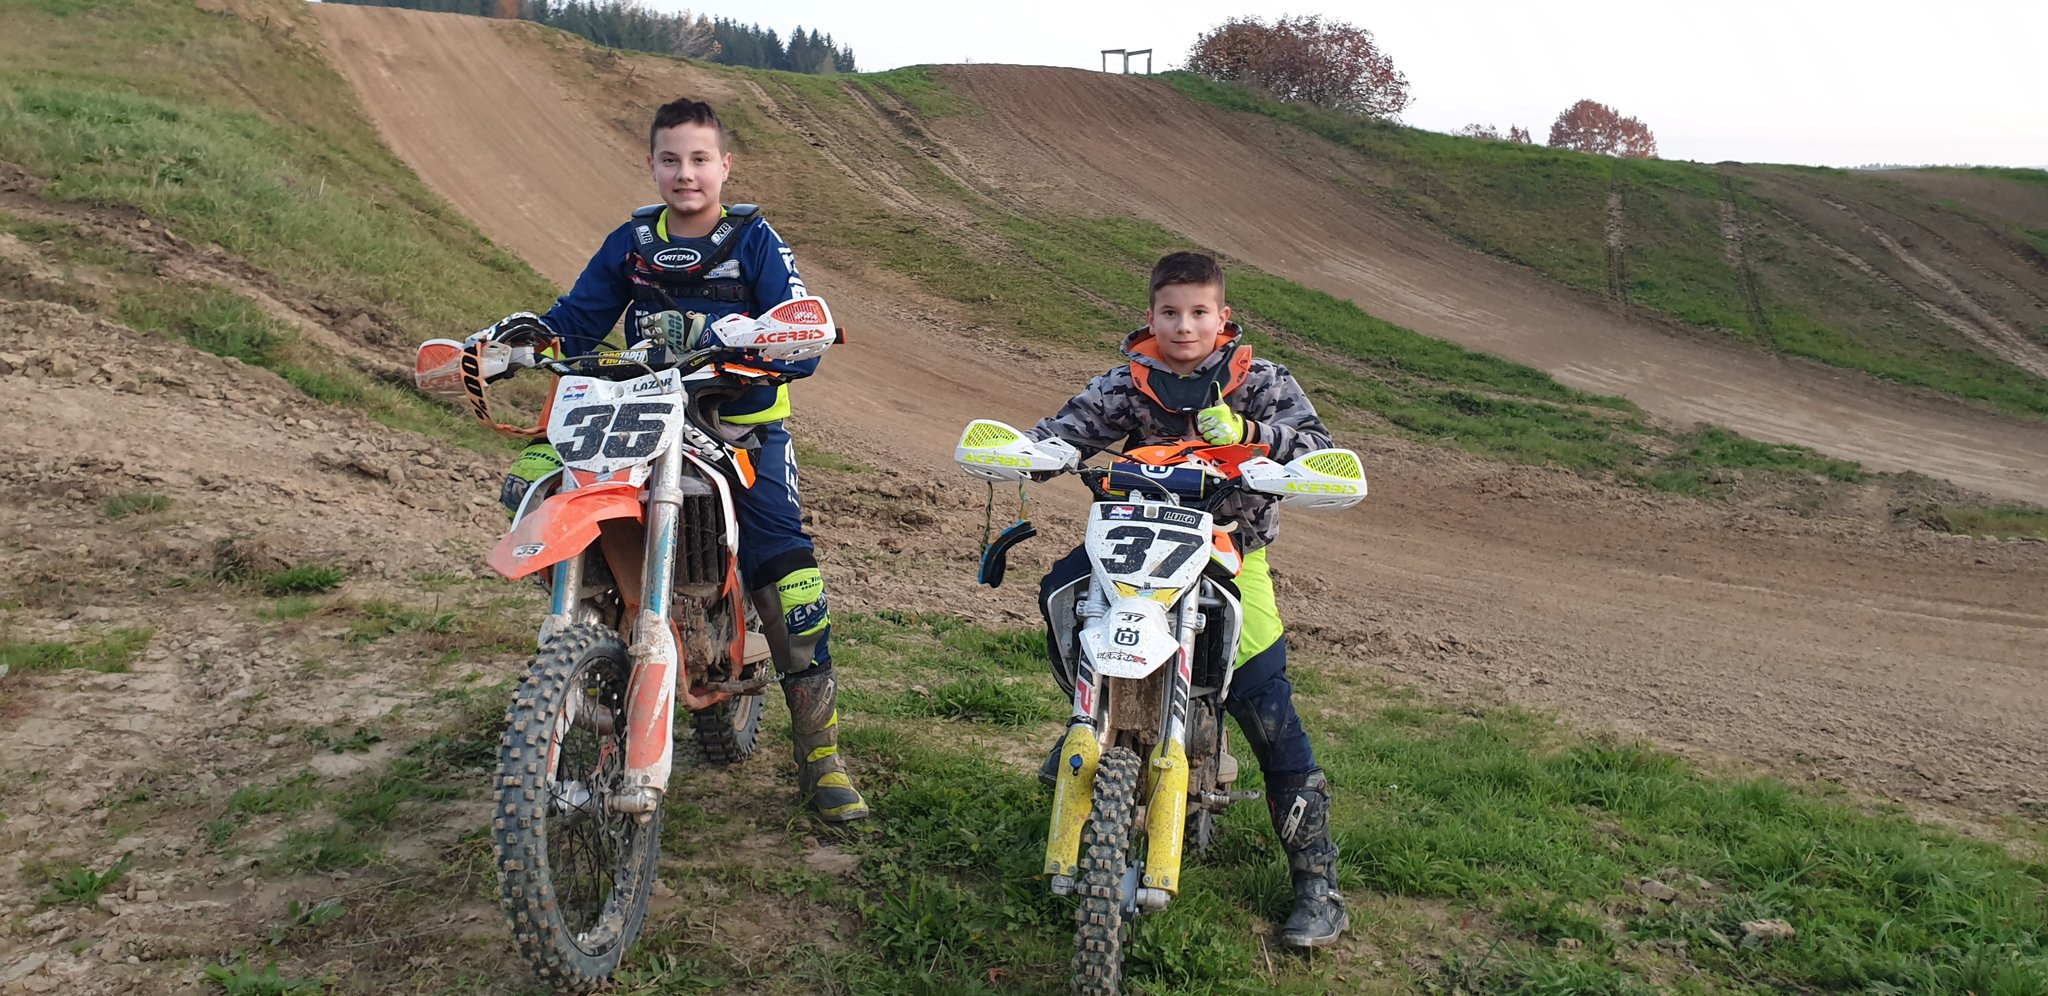 Braunauer Benzinbrüder: Motocross-Kids aus Braunau begeistern bei serbischer Staatsmeisterschaft - Braunau - meinbezirk.at